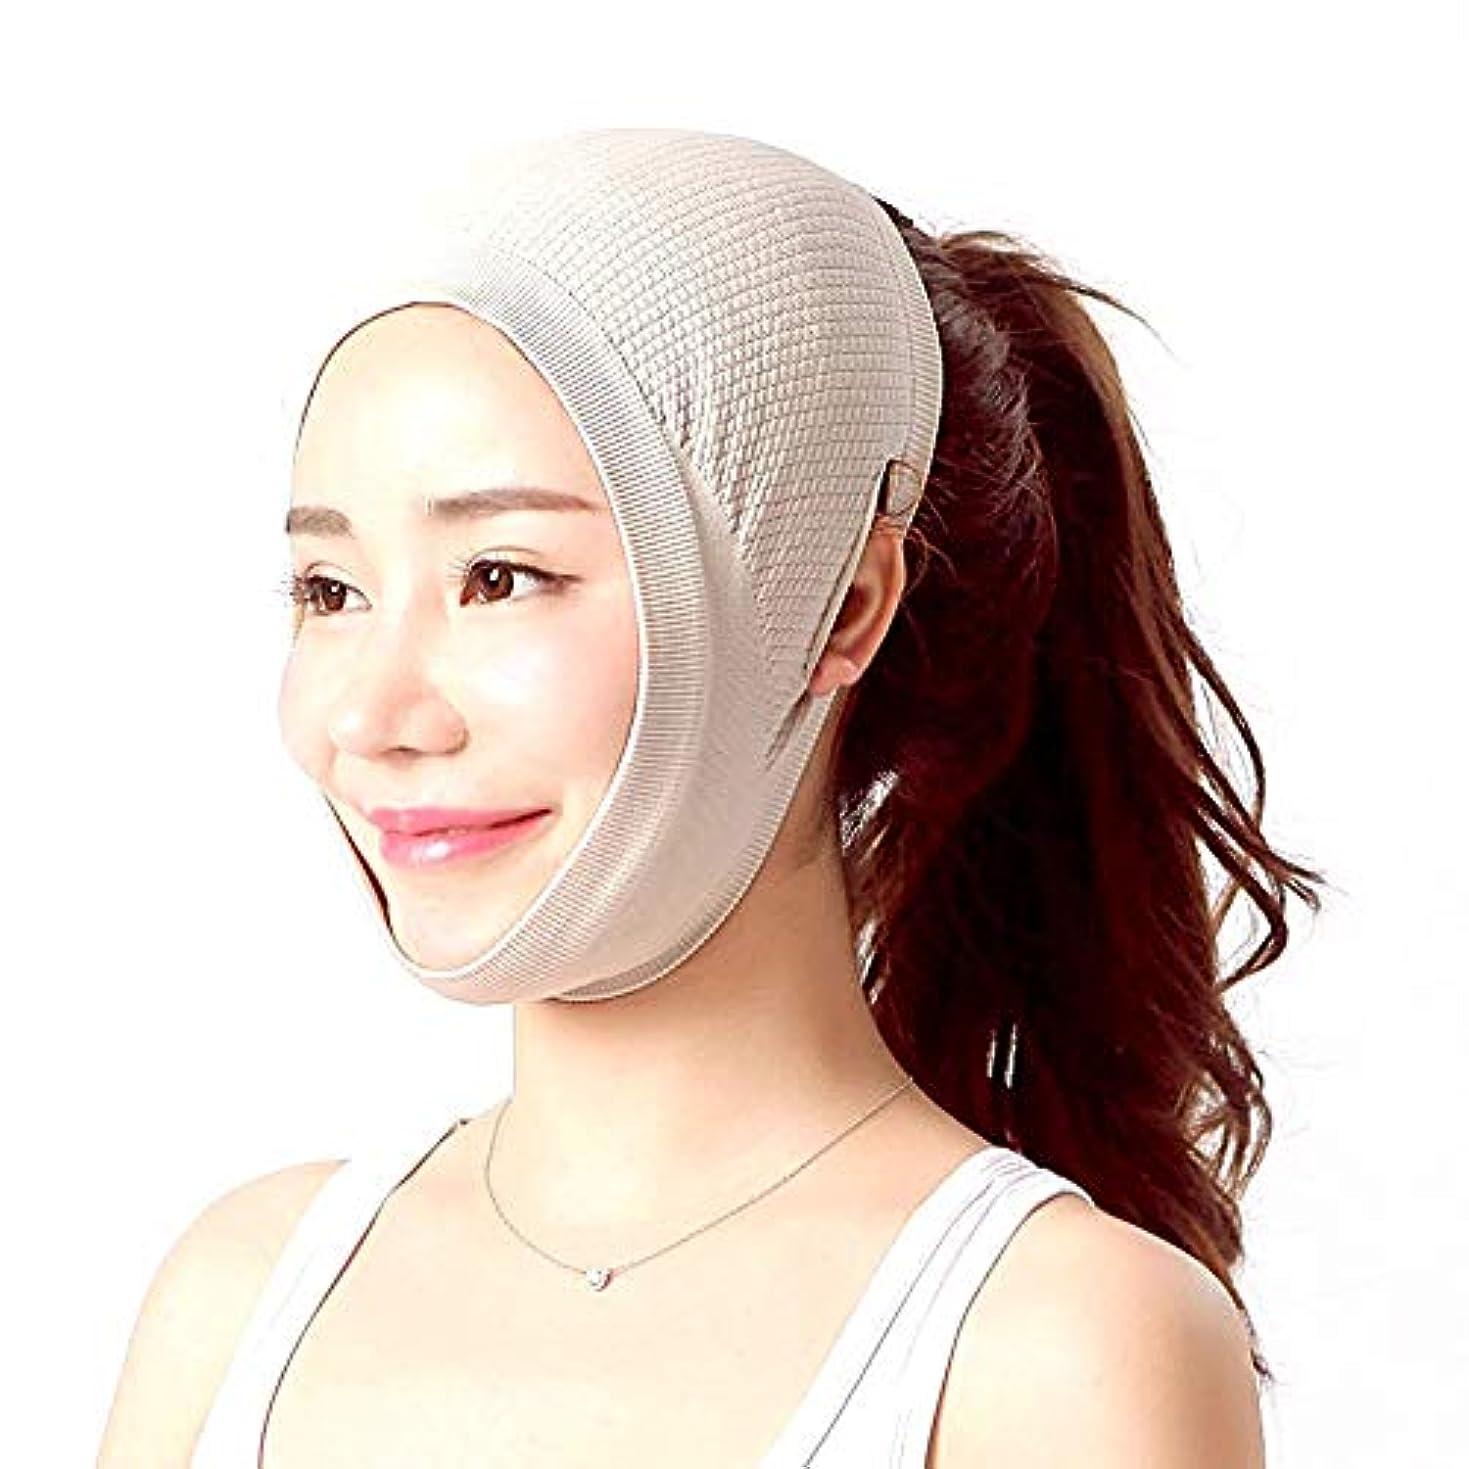 葉巻つかまえる丘Minmin フェイスリフティングアーティファクト包帯ライン術後回復包帯リフティングフェイスフードVフェイス包帯リフティングVフェイス美容マスク - 肌のトーン みんみんVラインフェイスマスク